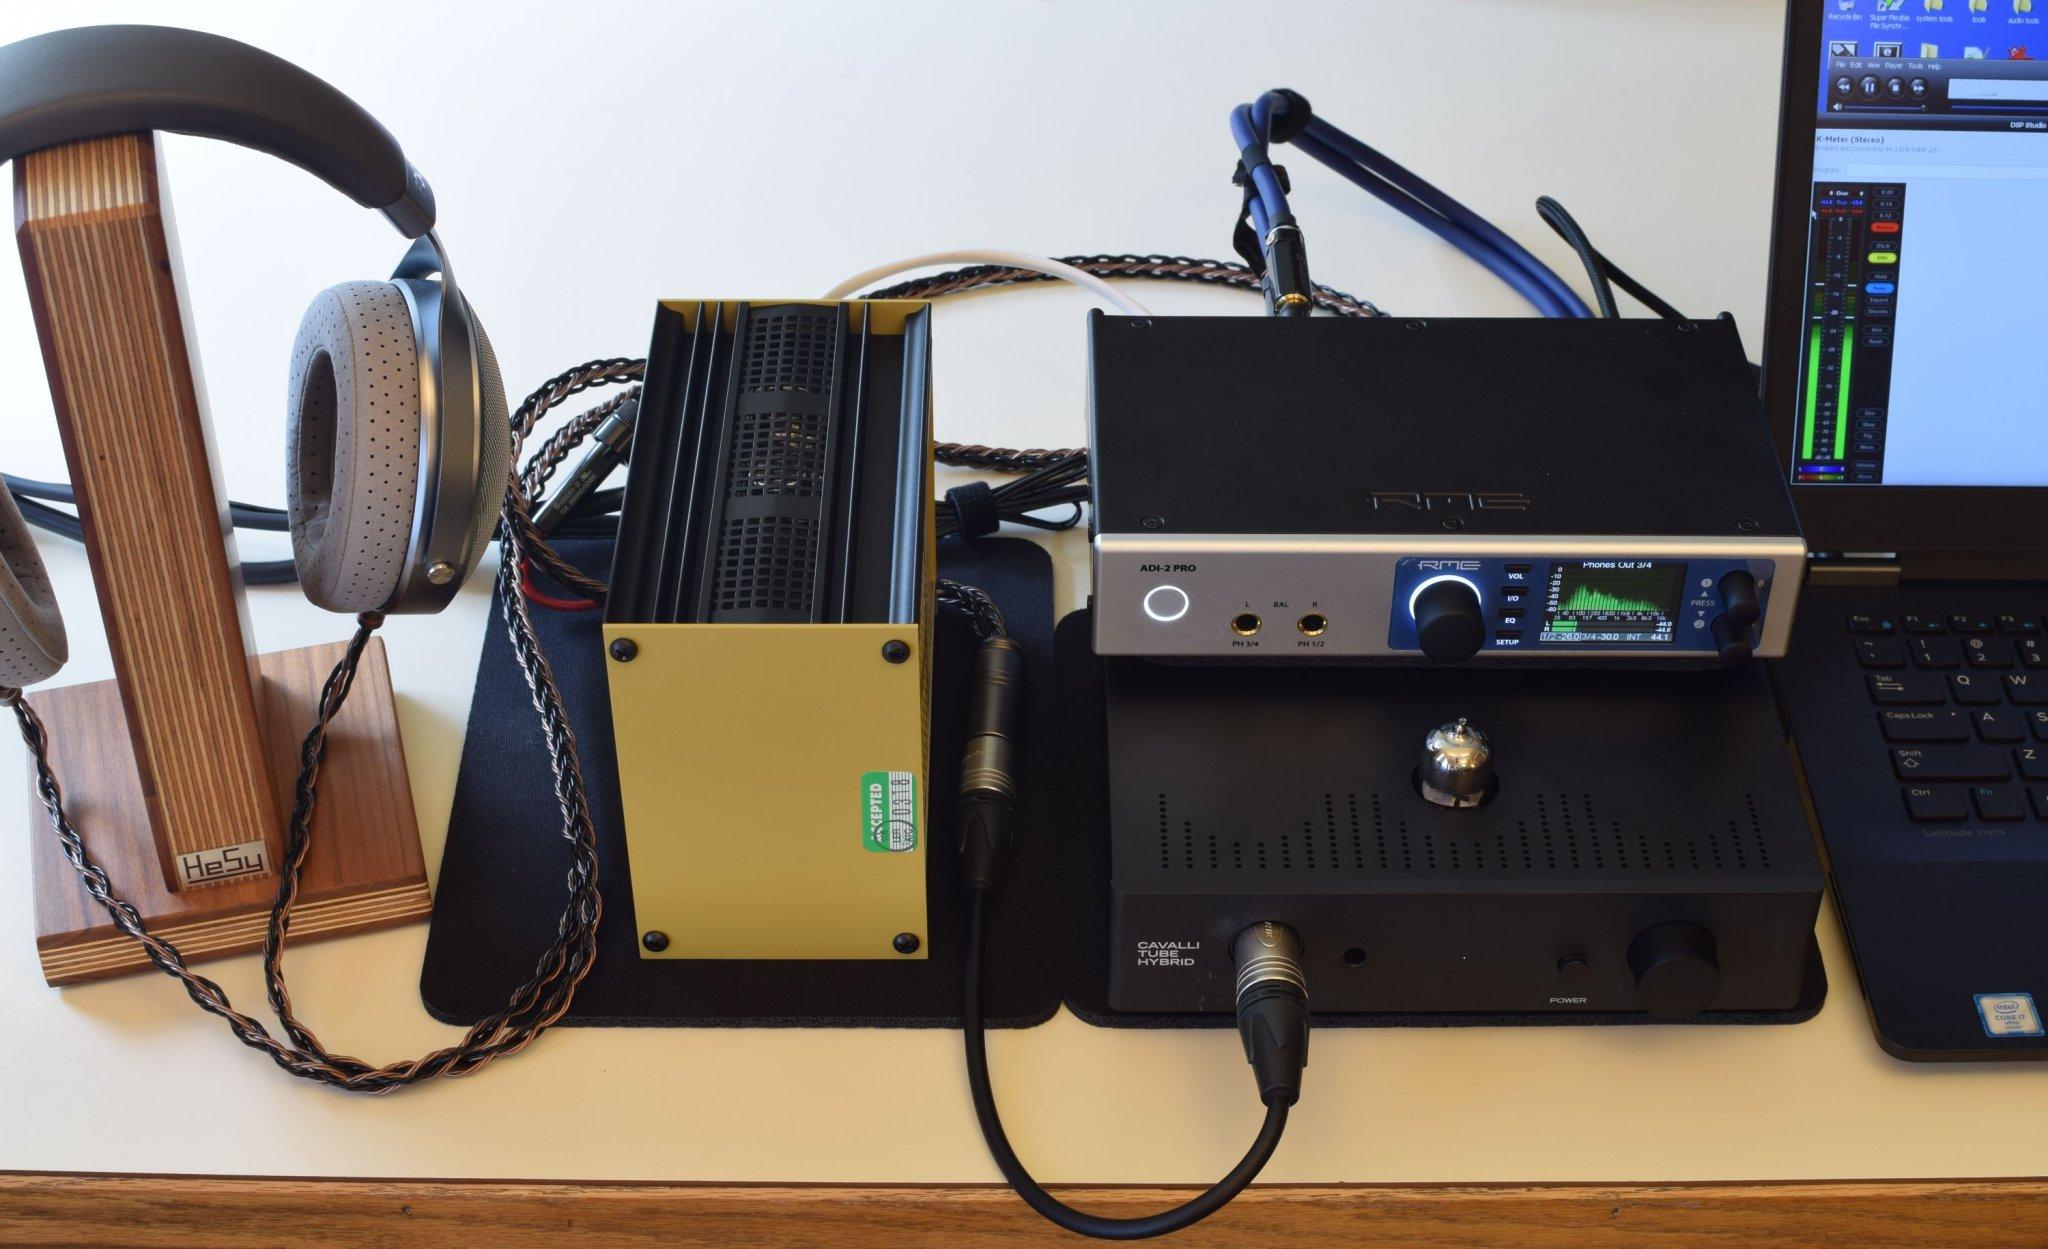 mcth + A28MT210M + ADI2 Pro + Clear - small.JPG